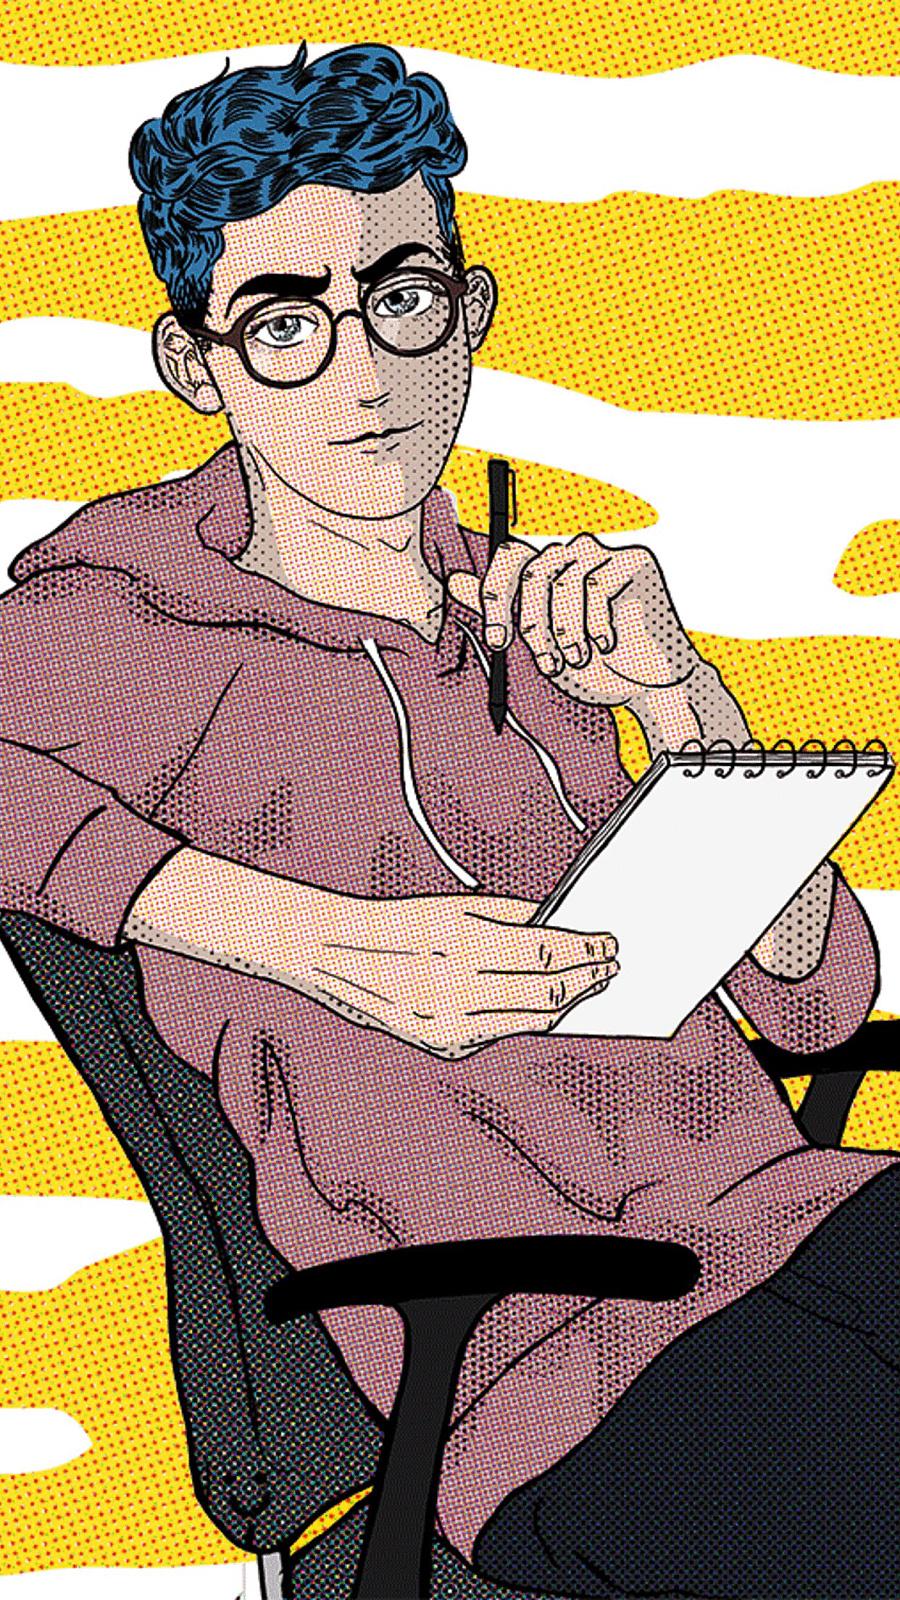 转自yoho!boys app 像素画 插画 麦田守望可 - 原创图片